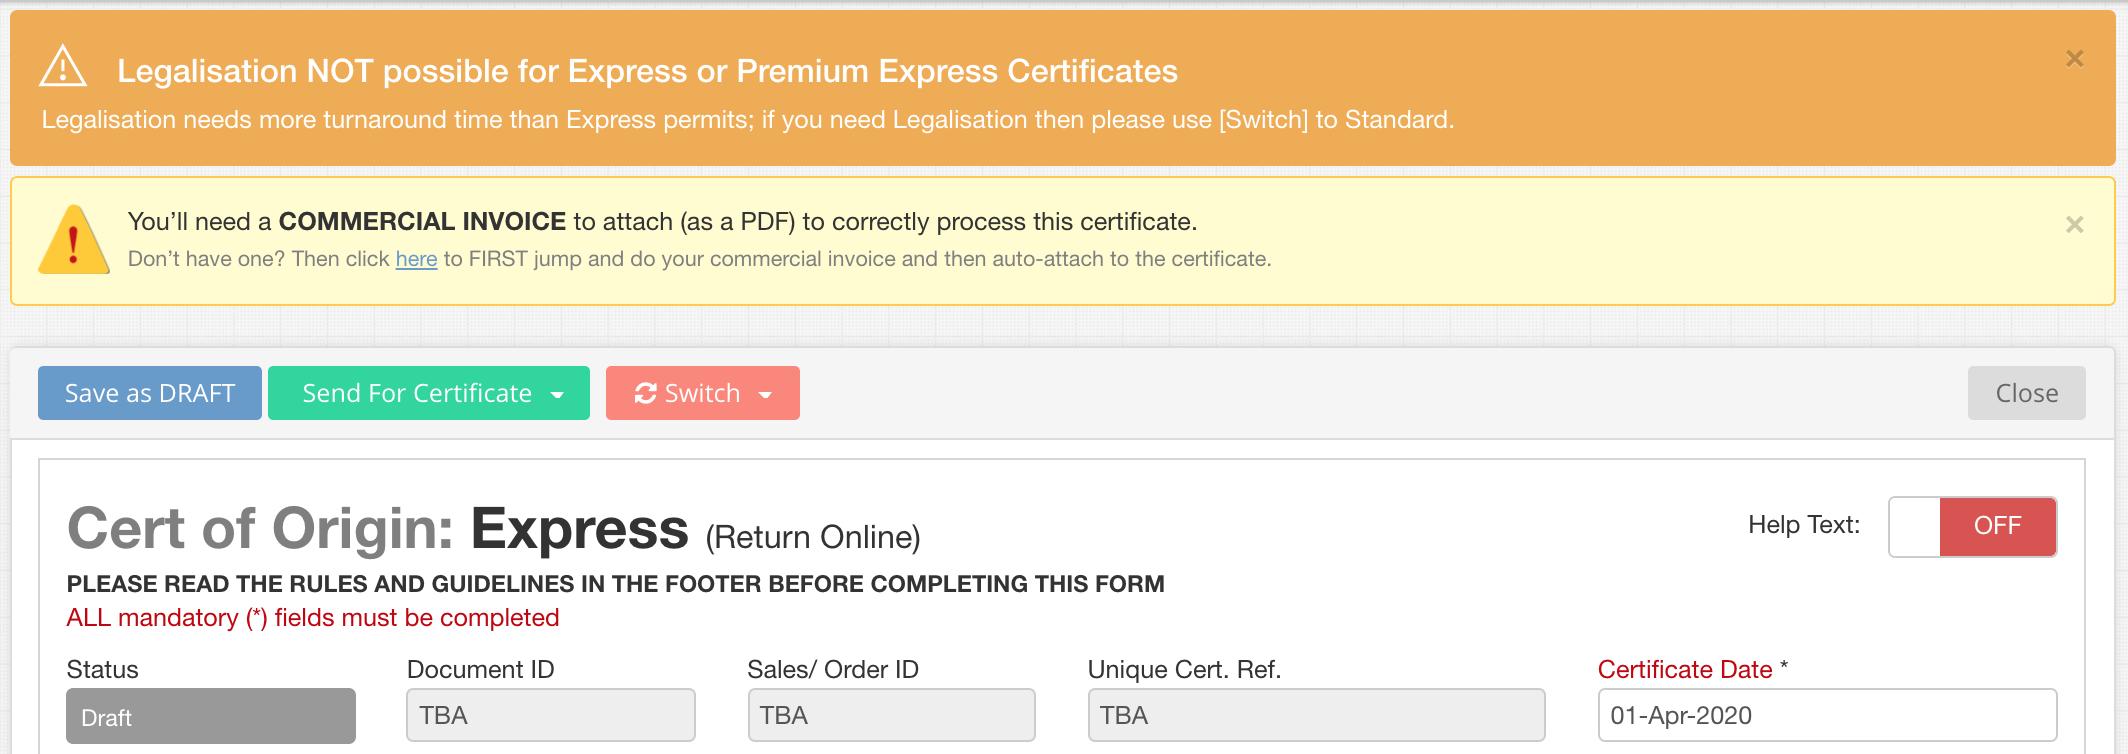 Messages on EC Certificate of Origin